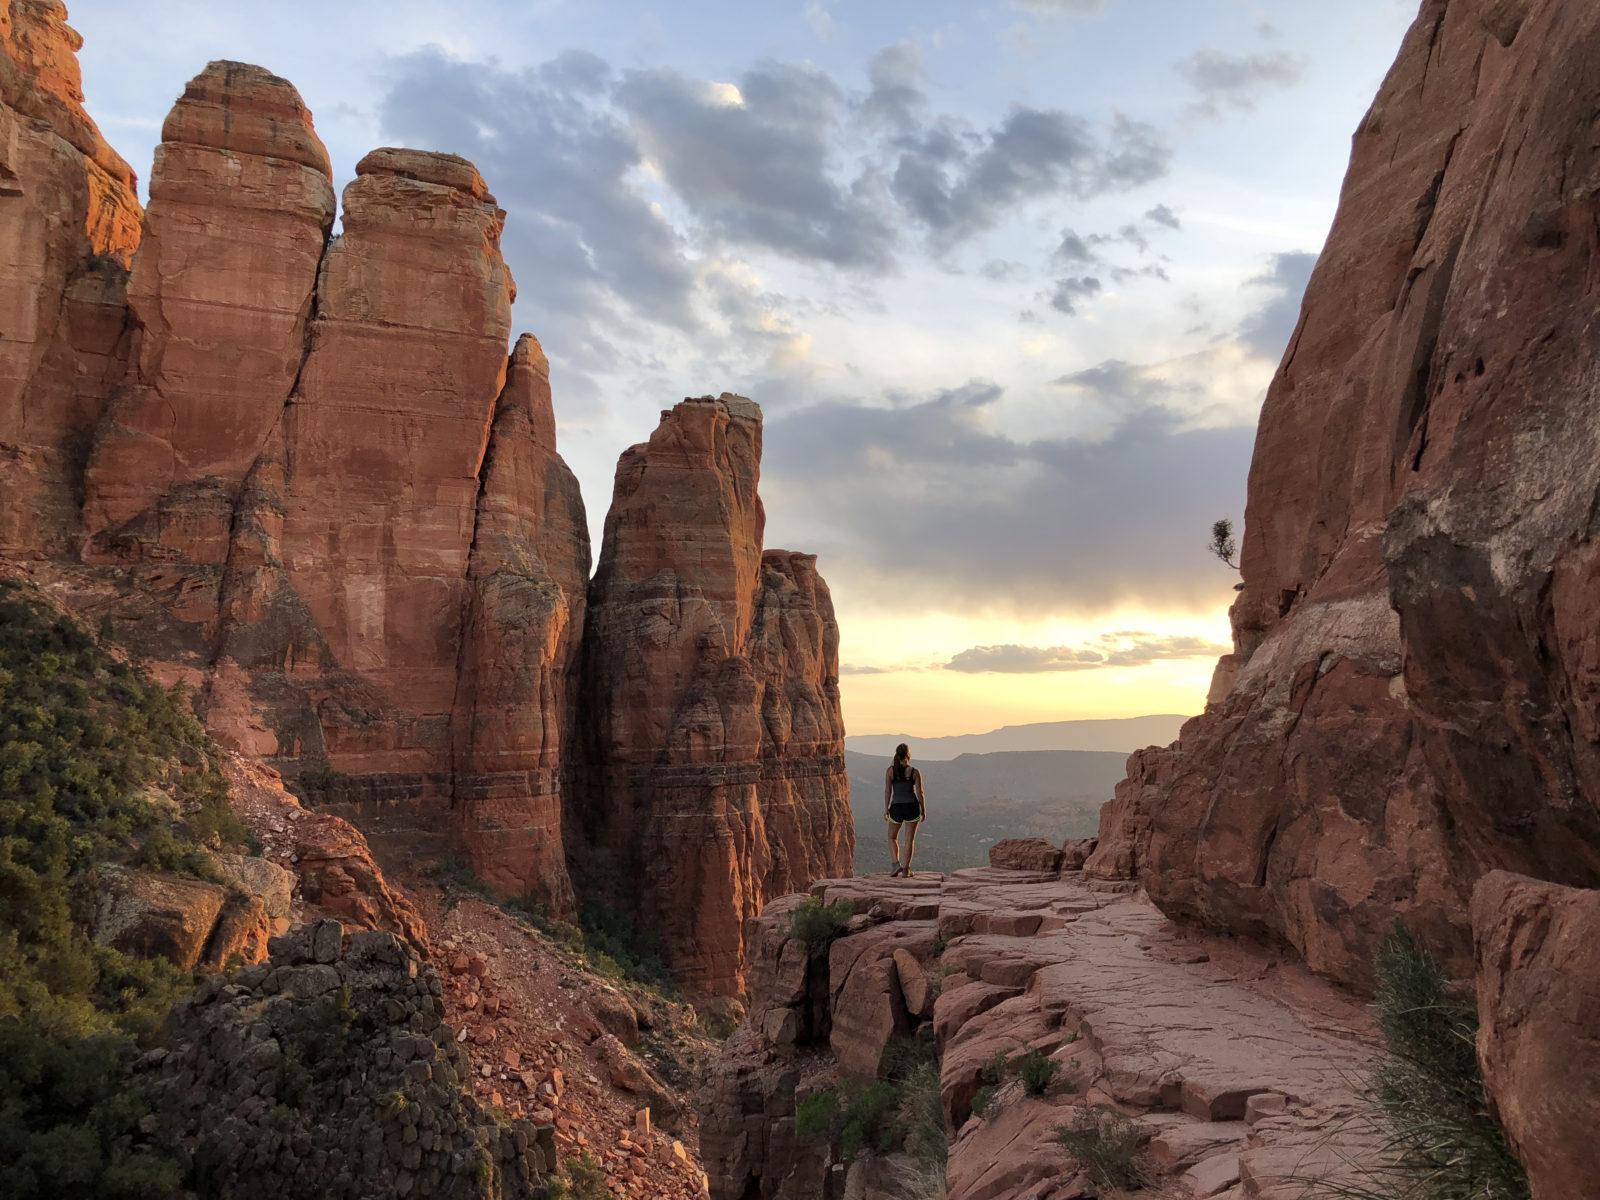 Arizona: Sedona & Hiking to Cathedral Rock